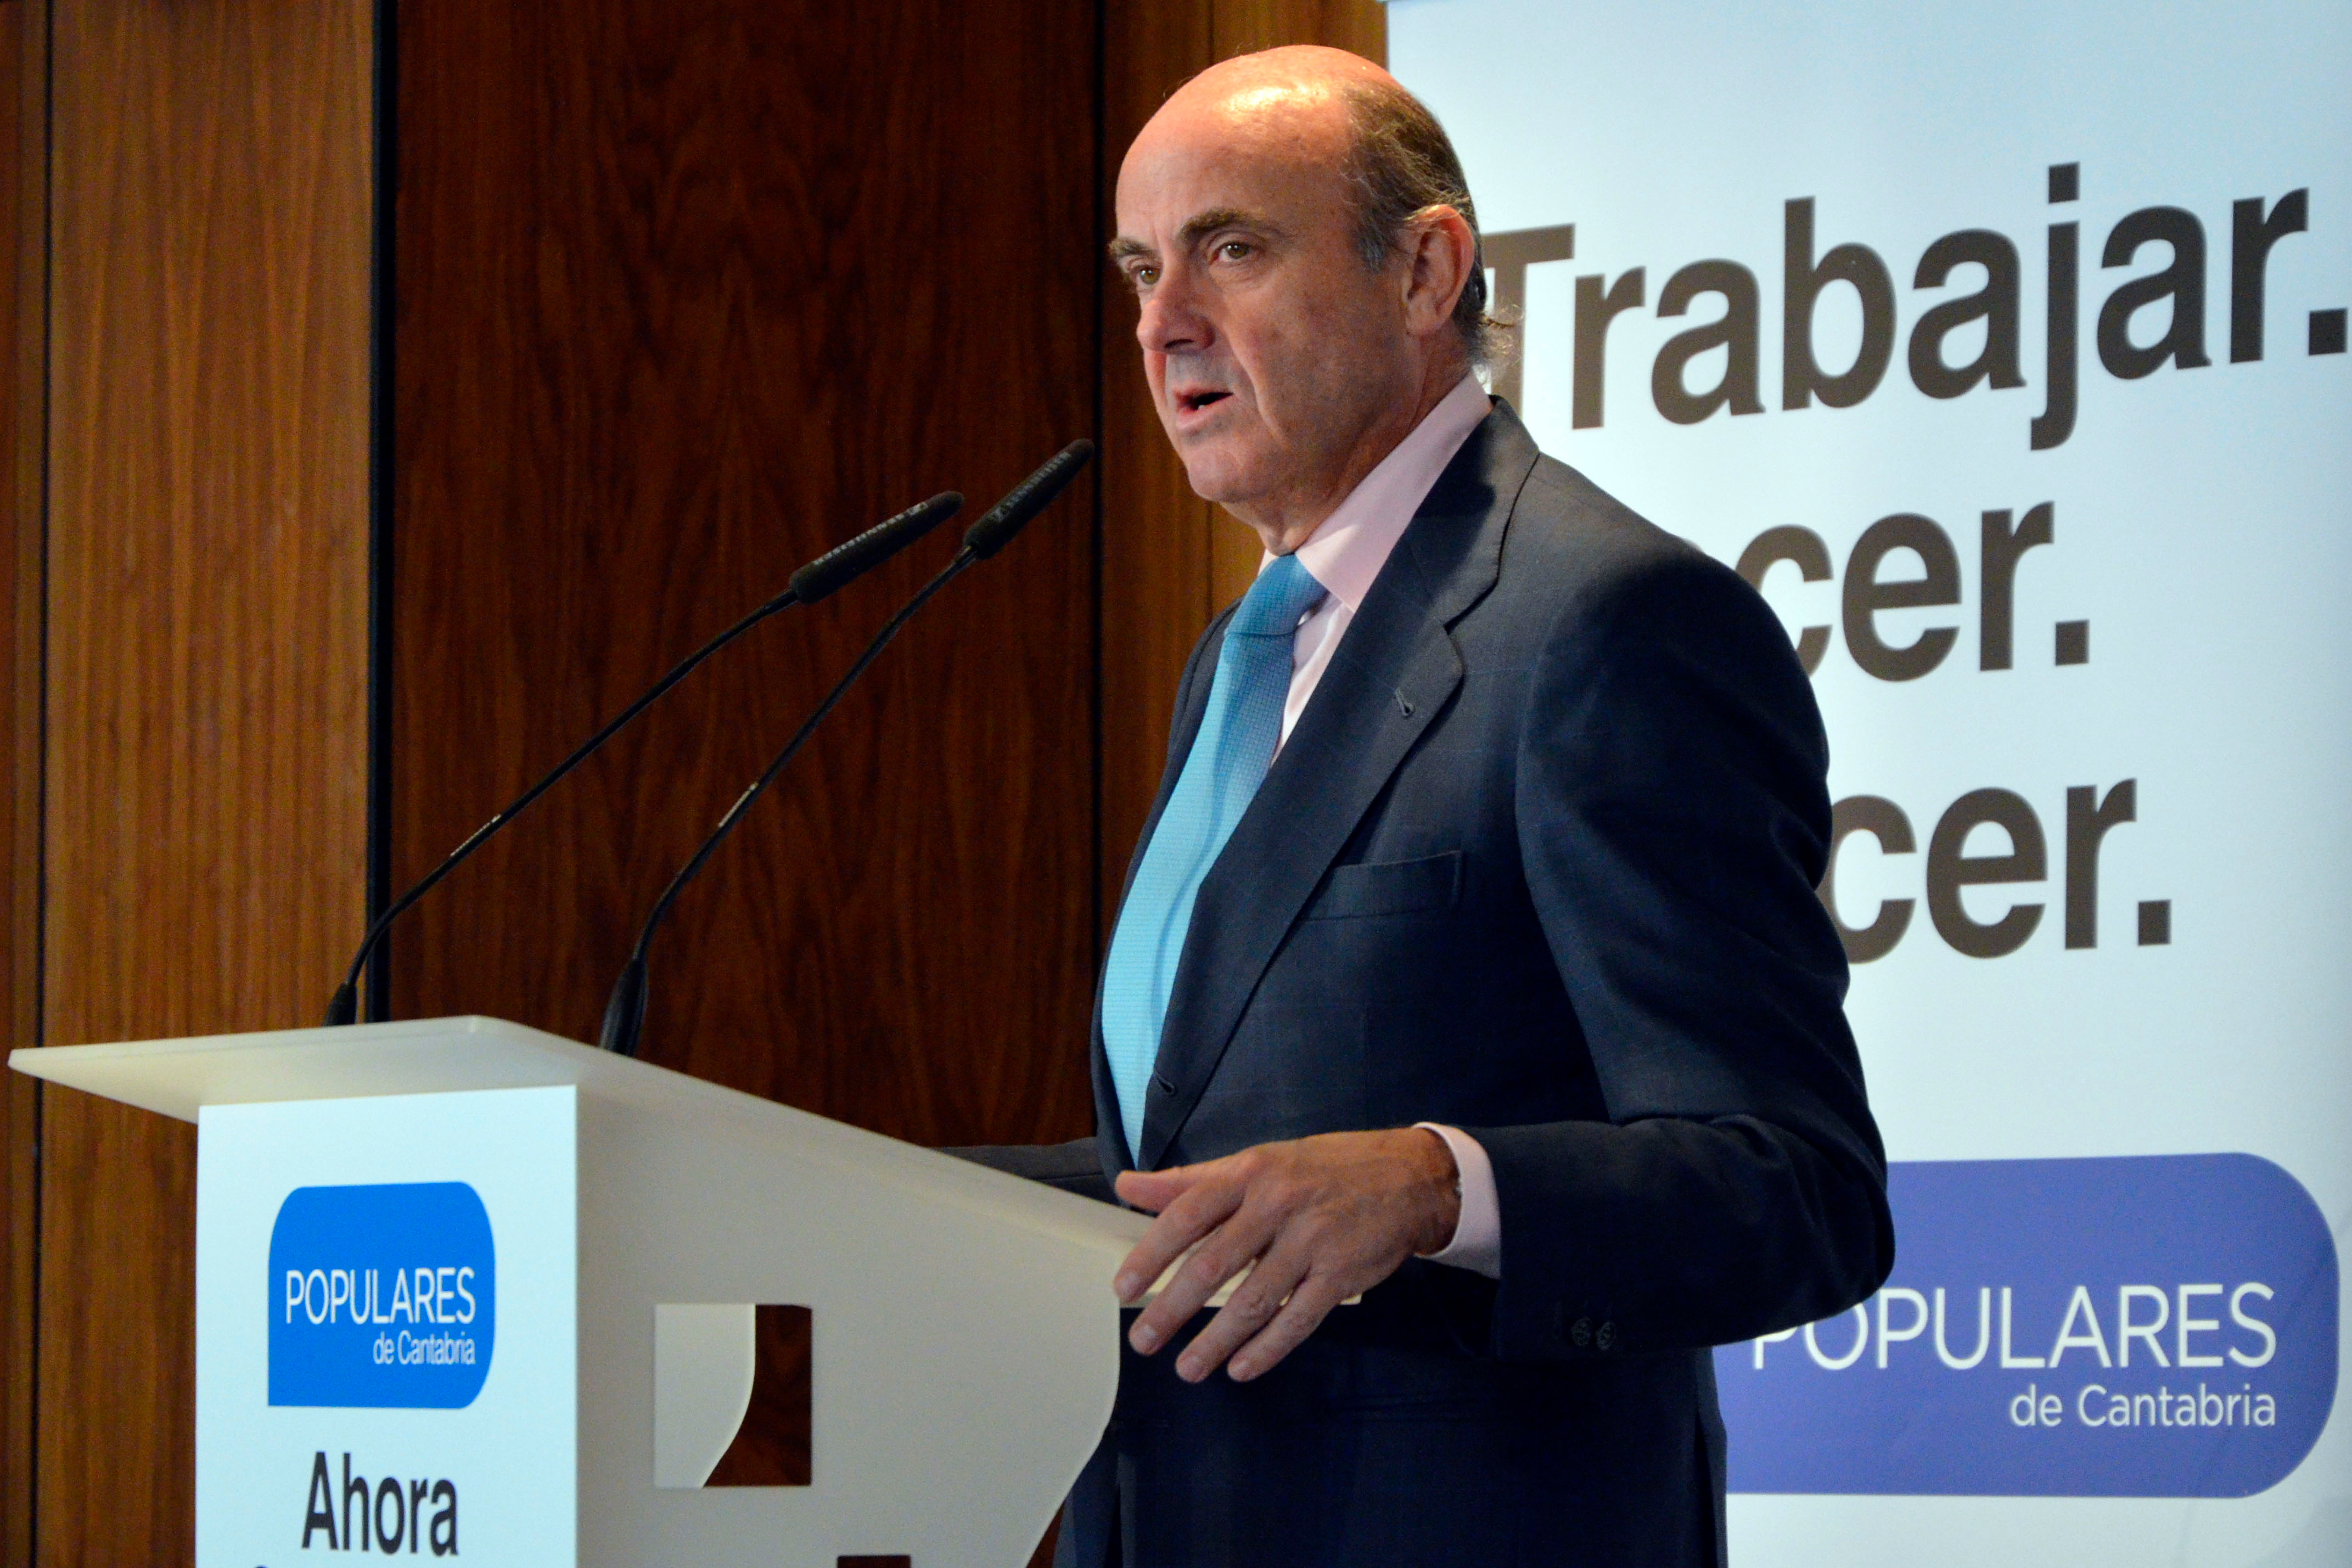 Ministros europeos llaman a espa a a presentar presupuesto for Ministros de espana